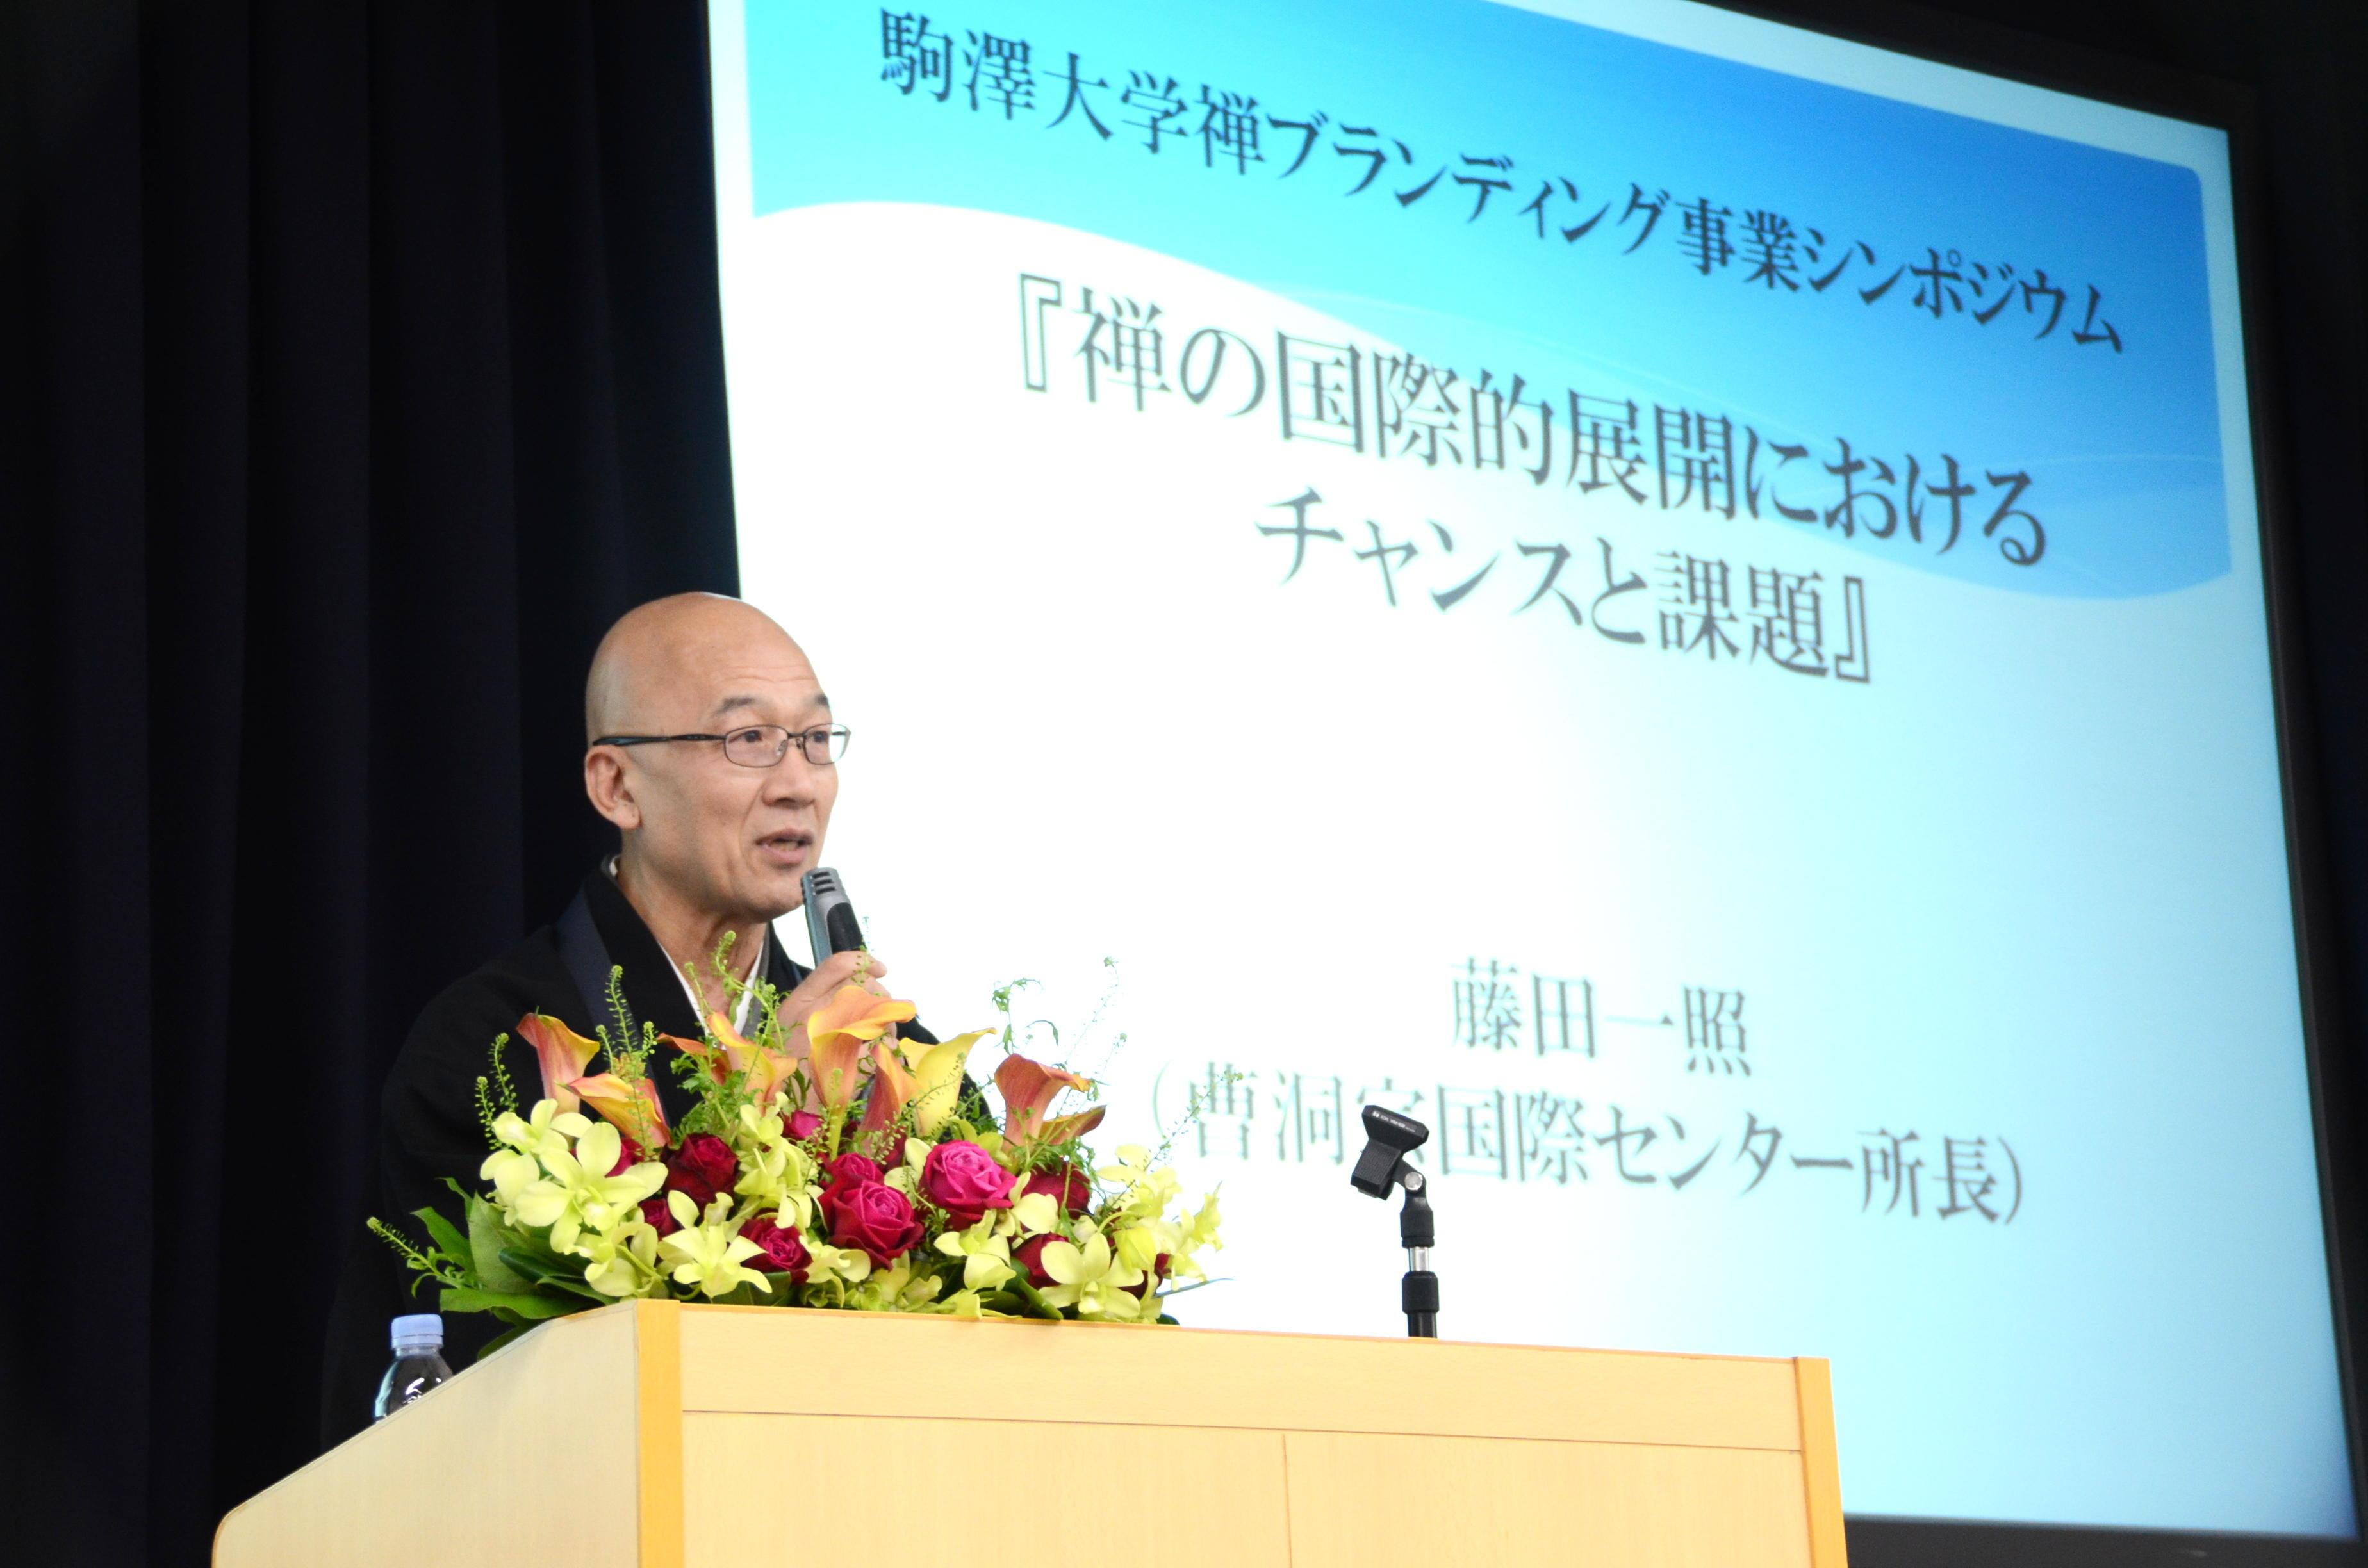 駒澤大学が禅ブランディング事業シンポジウムを開催 -- 「私立大学研究ブランディング事業」タイプB(世界展開型)採択事業